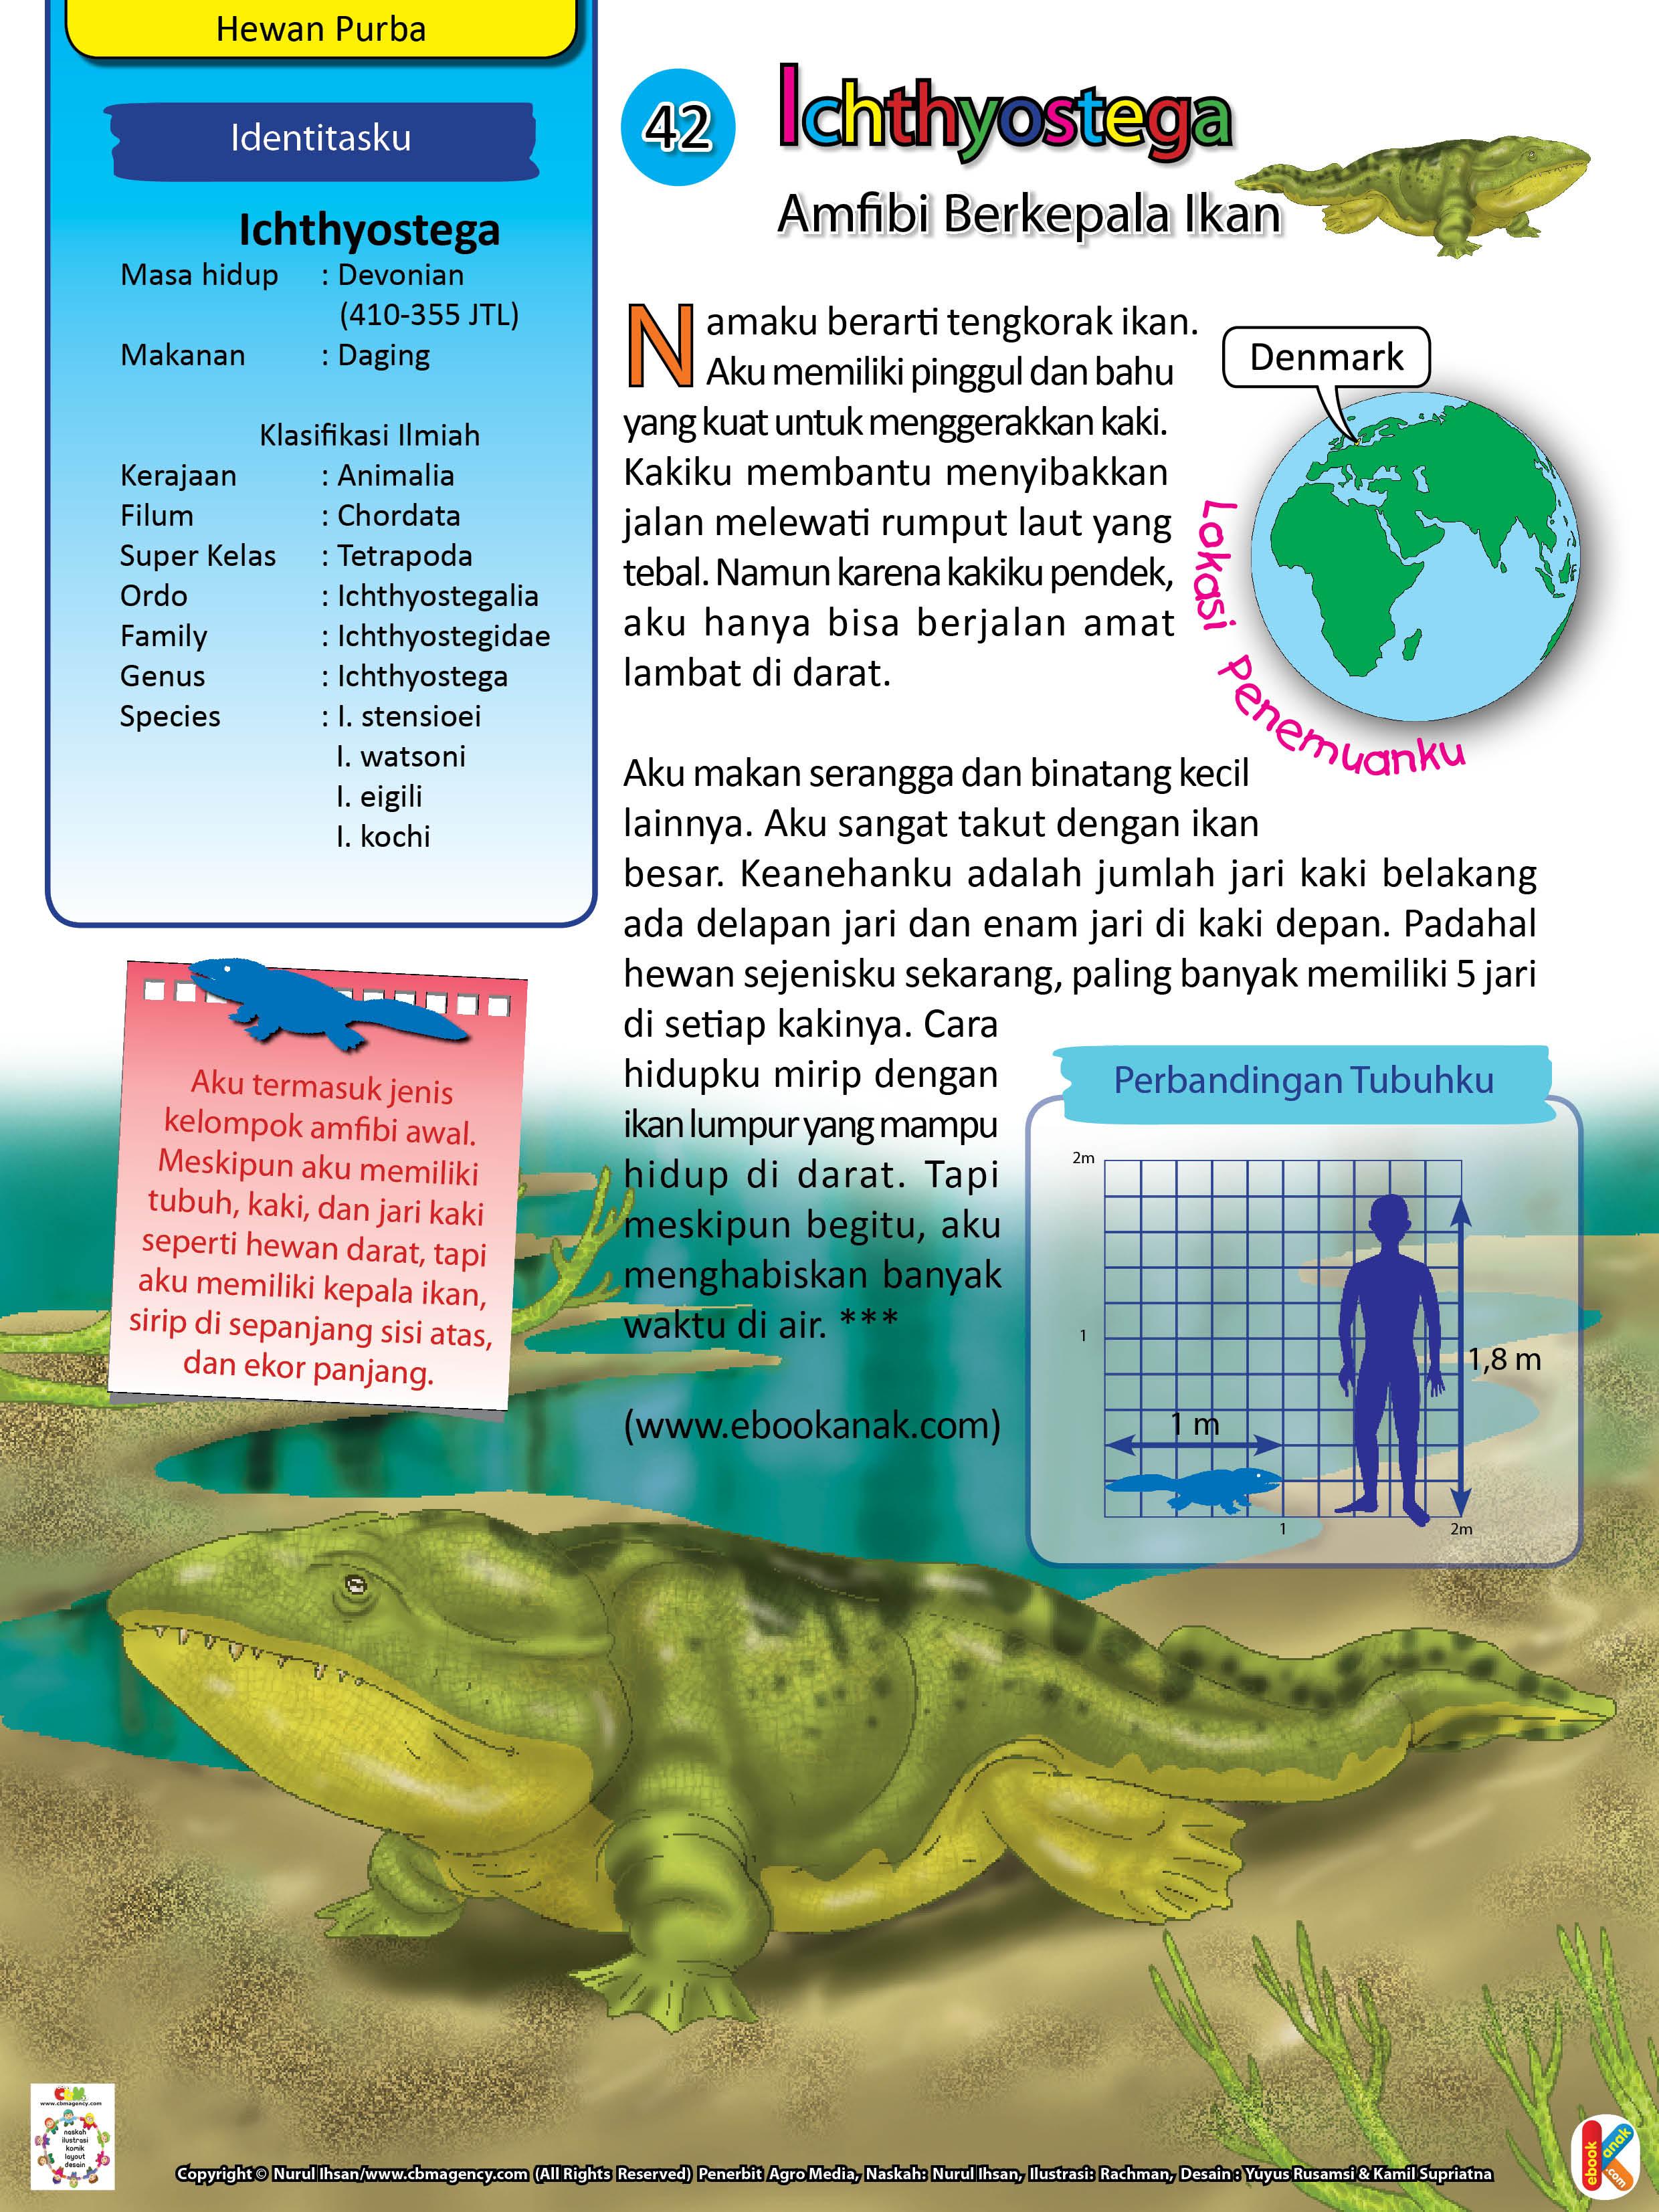 Ichthyostega memiliki pinggul dan bahu yang kuat untuk menggerakkan kaki.